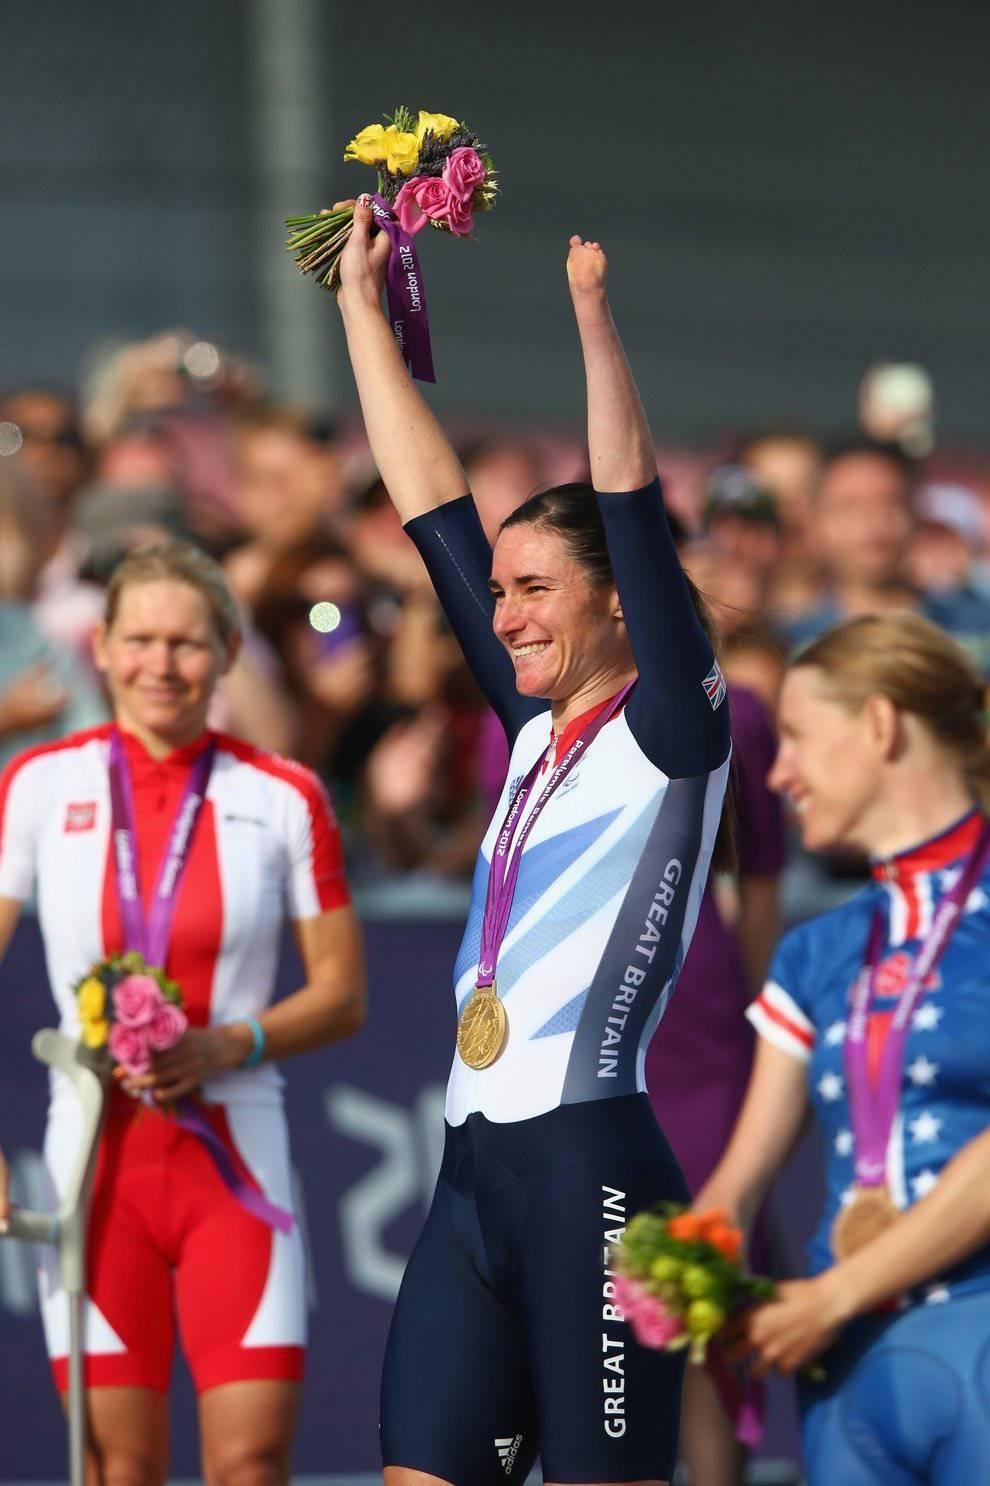 Paraolimpiada 2012 13